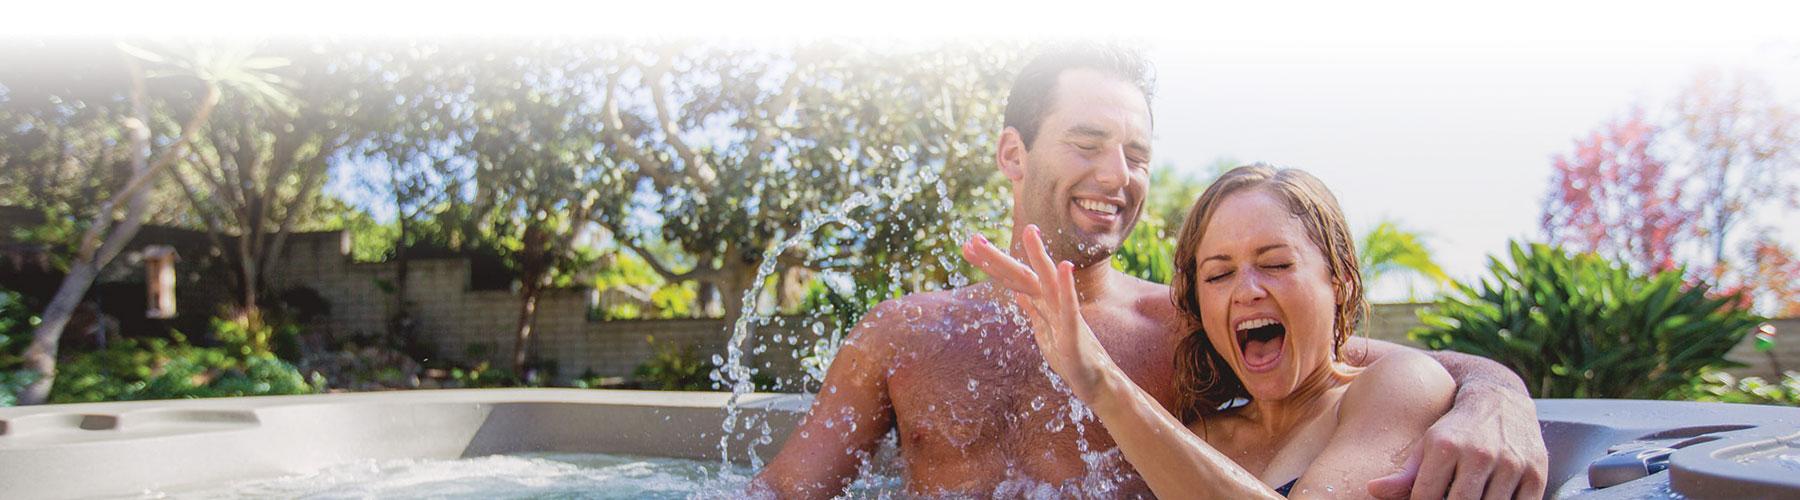 masažni bazeni-koristi-slika5